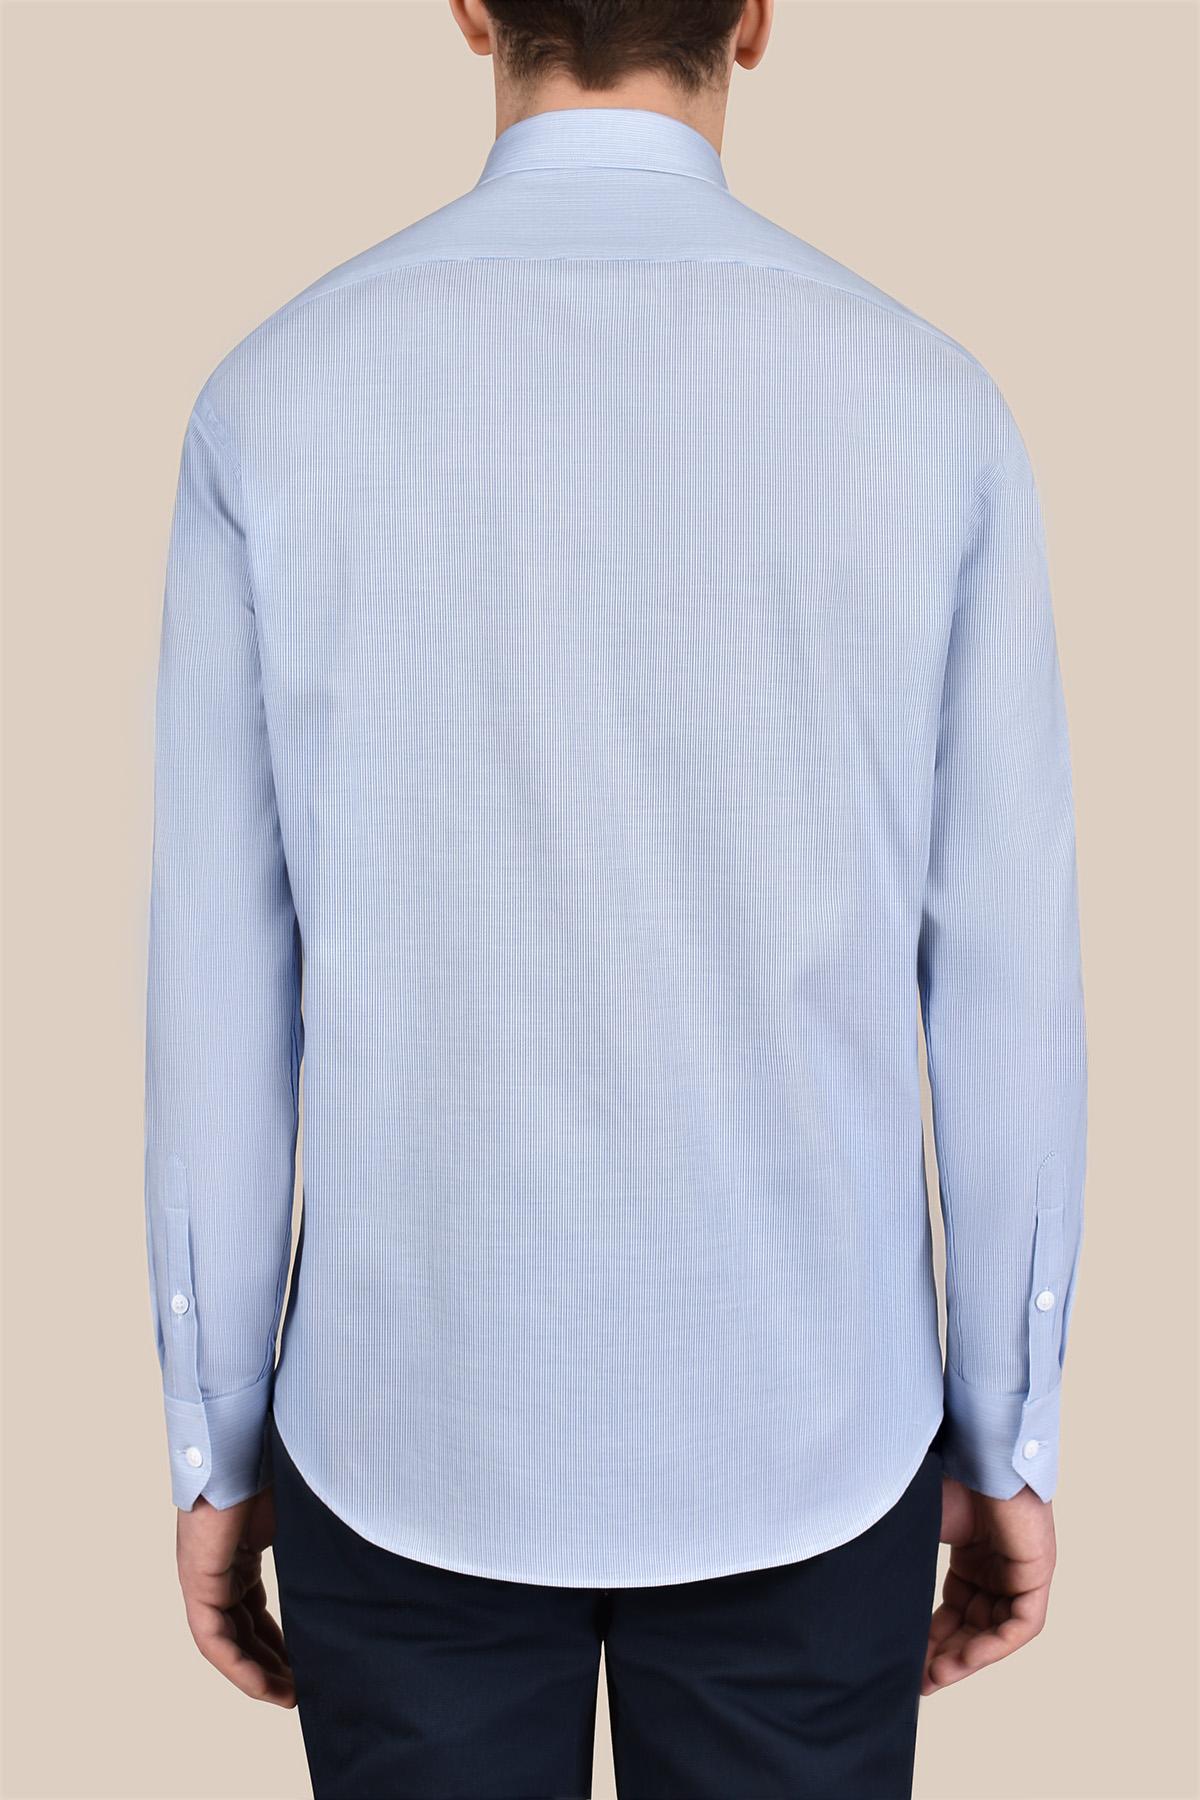 Рубашка в мелкую полоску голубого цвета Vaismann 20116